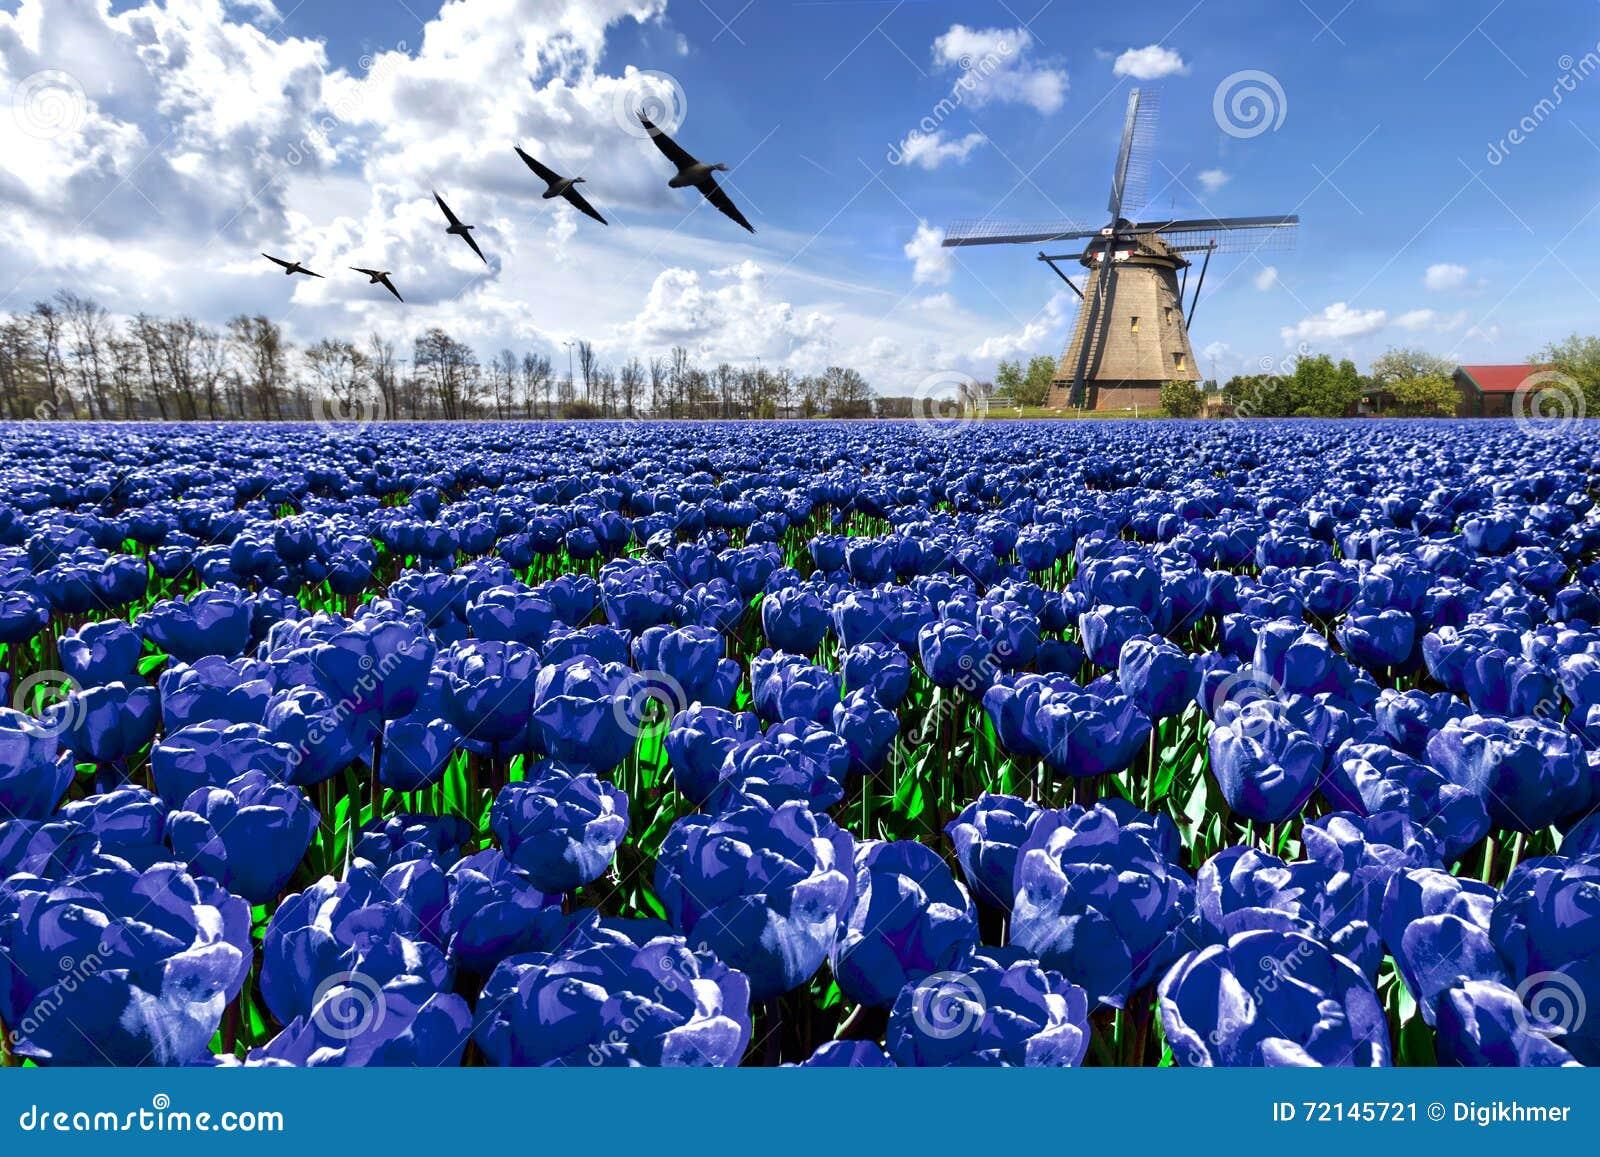 geese flying over endless blue tulip farm stock photo farm animal clipart for teachers farm animal clipart for teachers